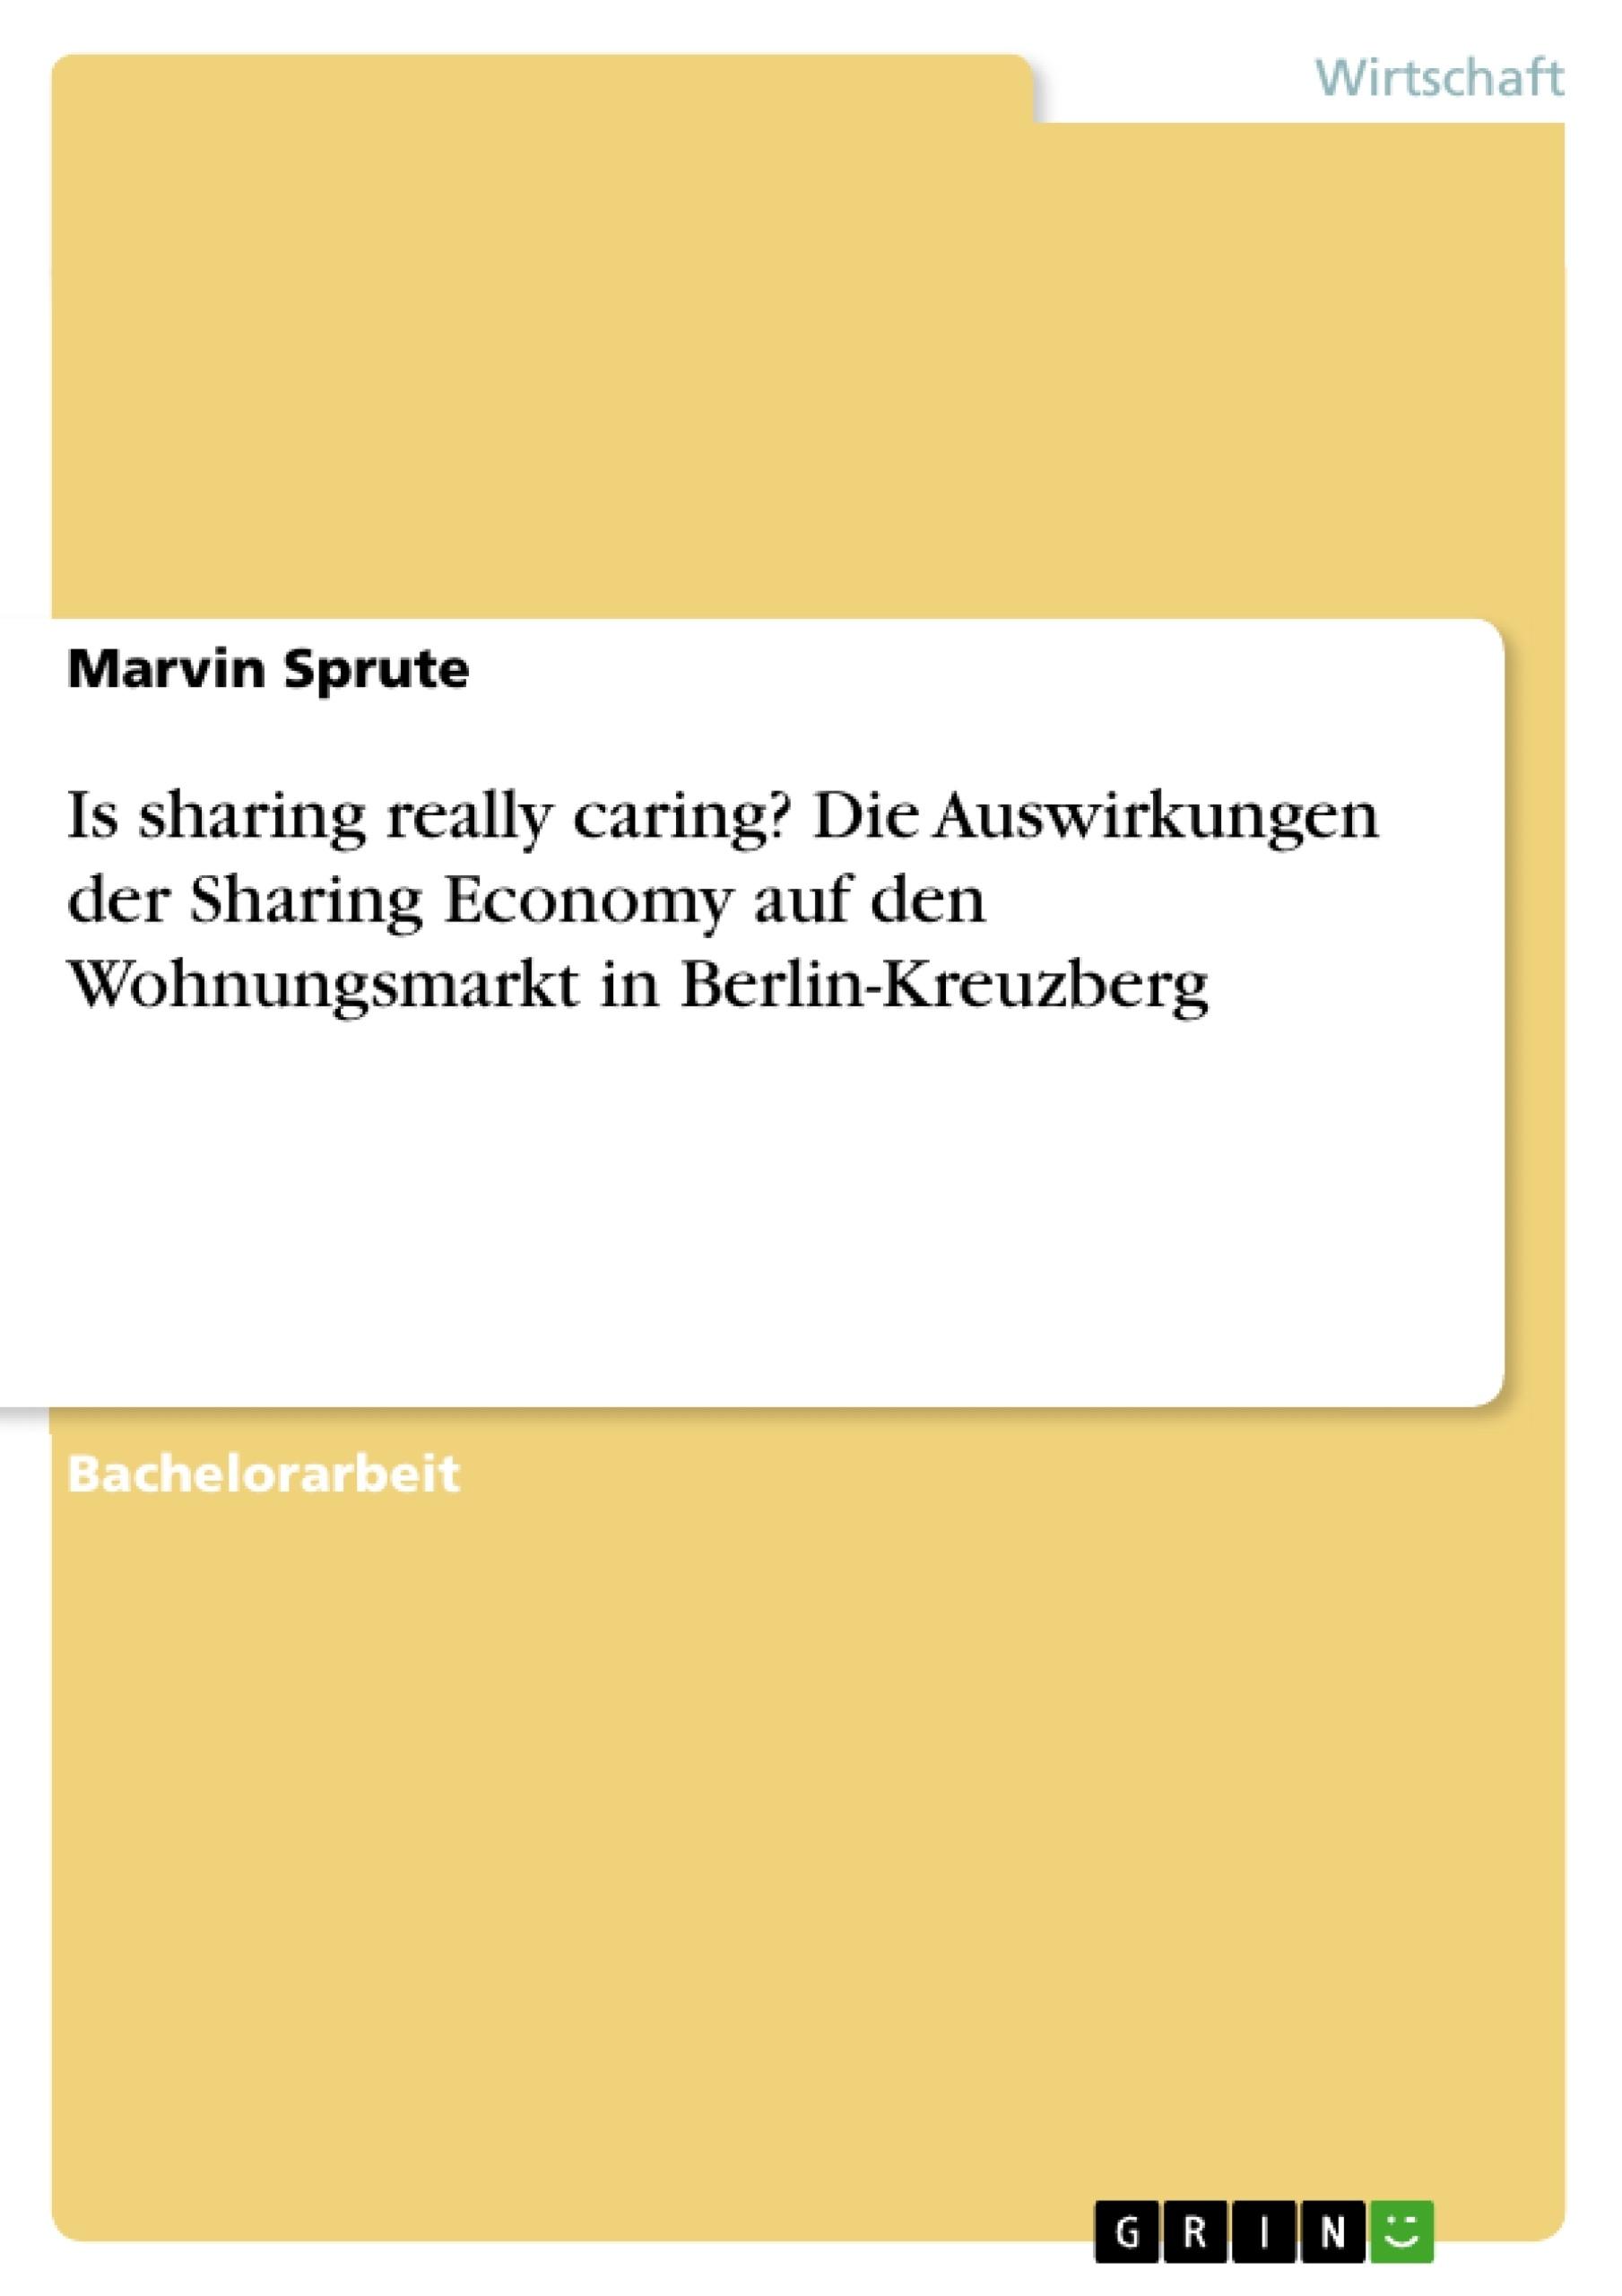 Titel: Is sharing really caring? Die Auswirkungen der Sharing Economy auf den Wohnungsmarkt in Berlin-Kreuzberg